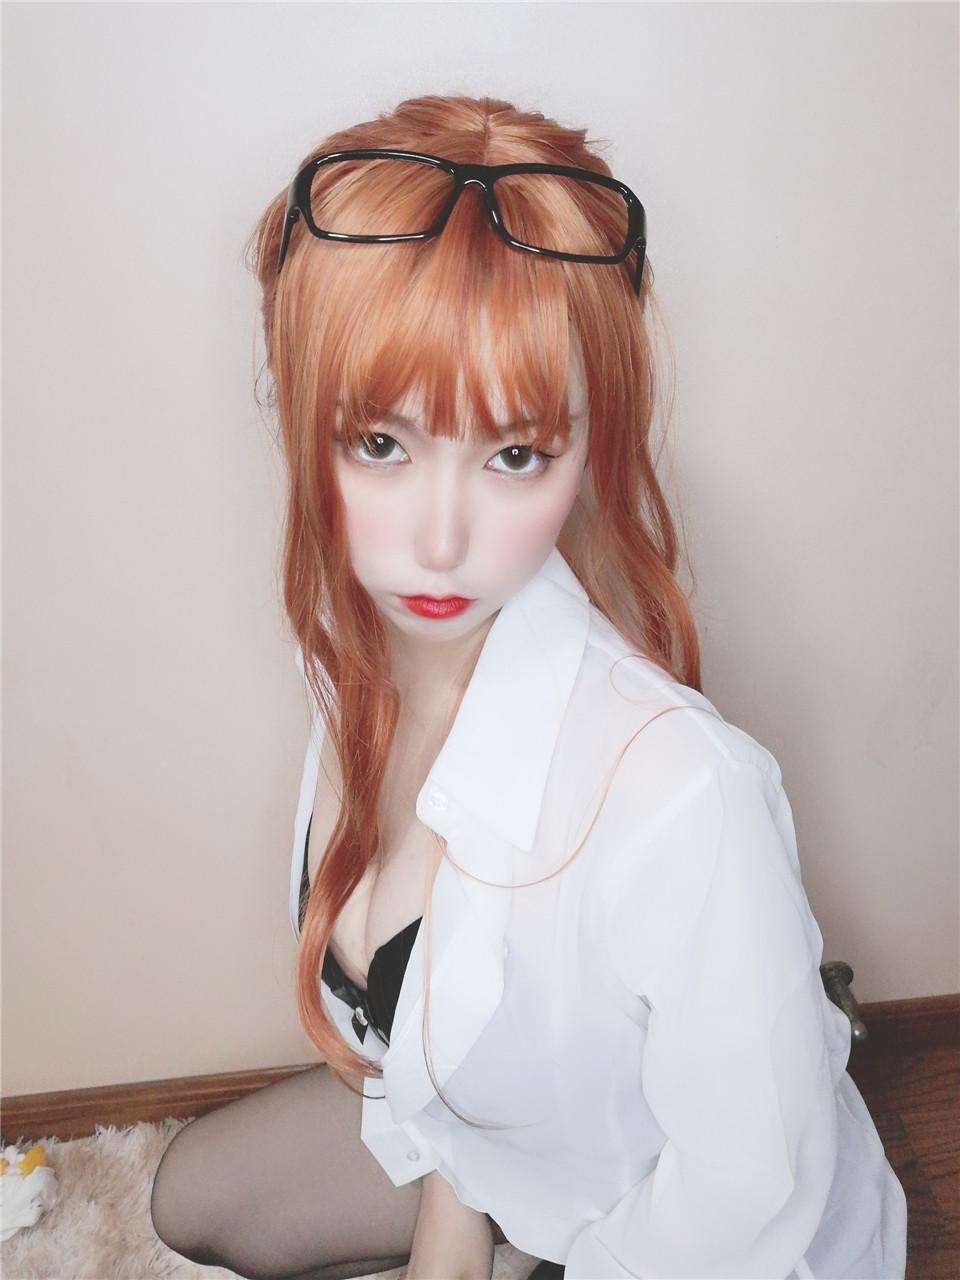 芋圆侑子_NO.002_黑丝女教师